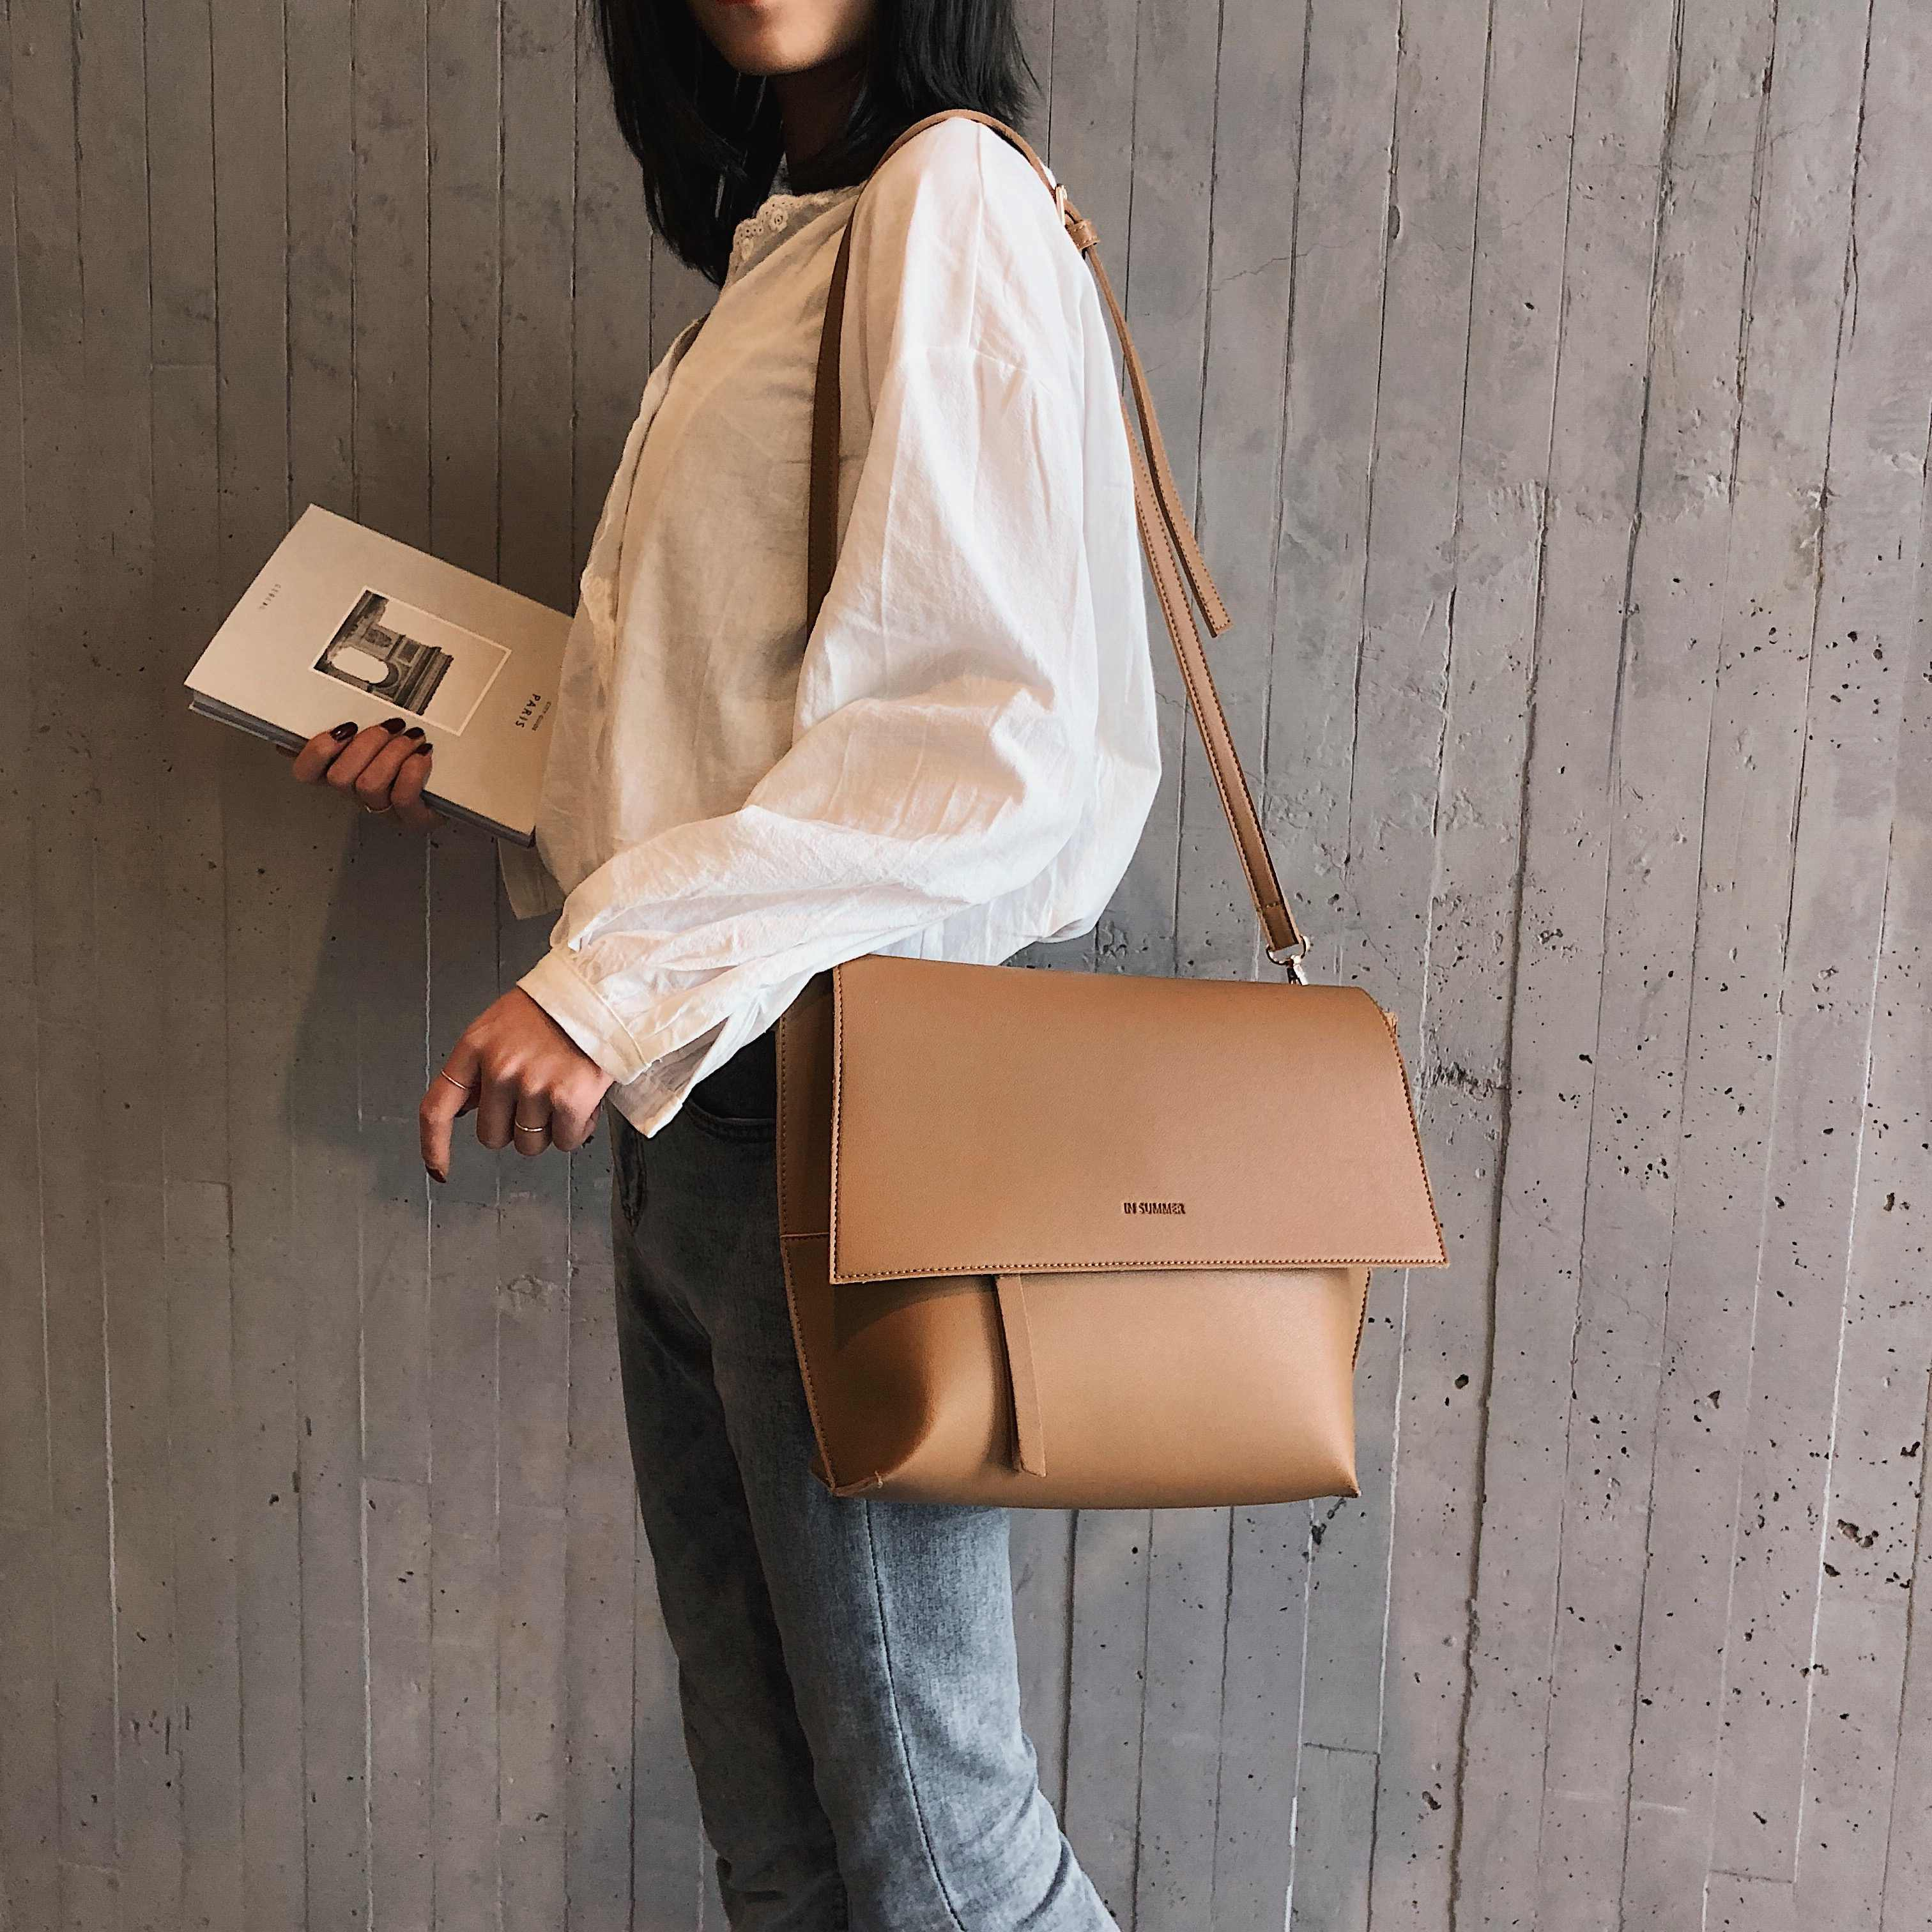 Kualitas Tas Bahu Kulit PU untuk Wanita 2019 Desainer Tas Besar Tas Kurir Selempang Wanita Warna Solid Tas Tangan